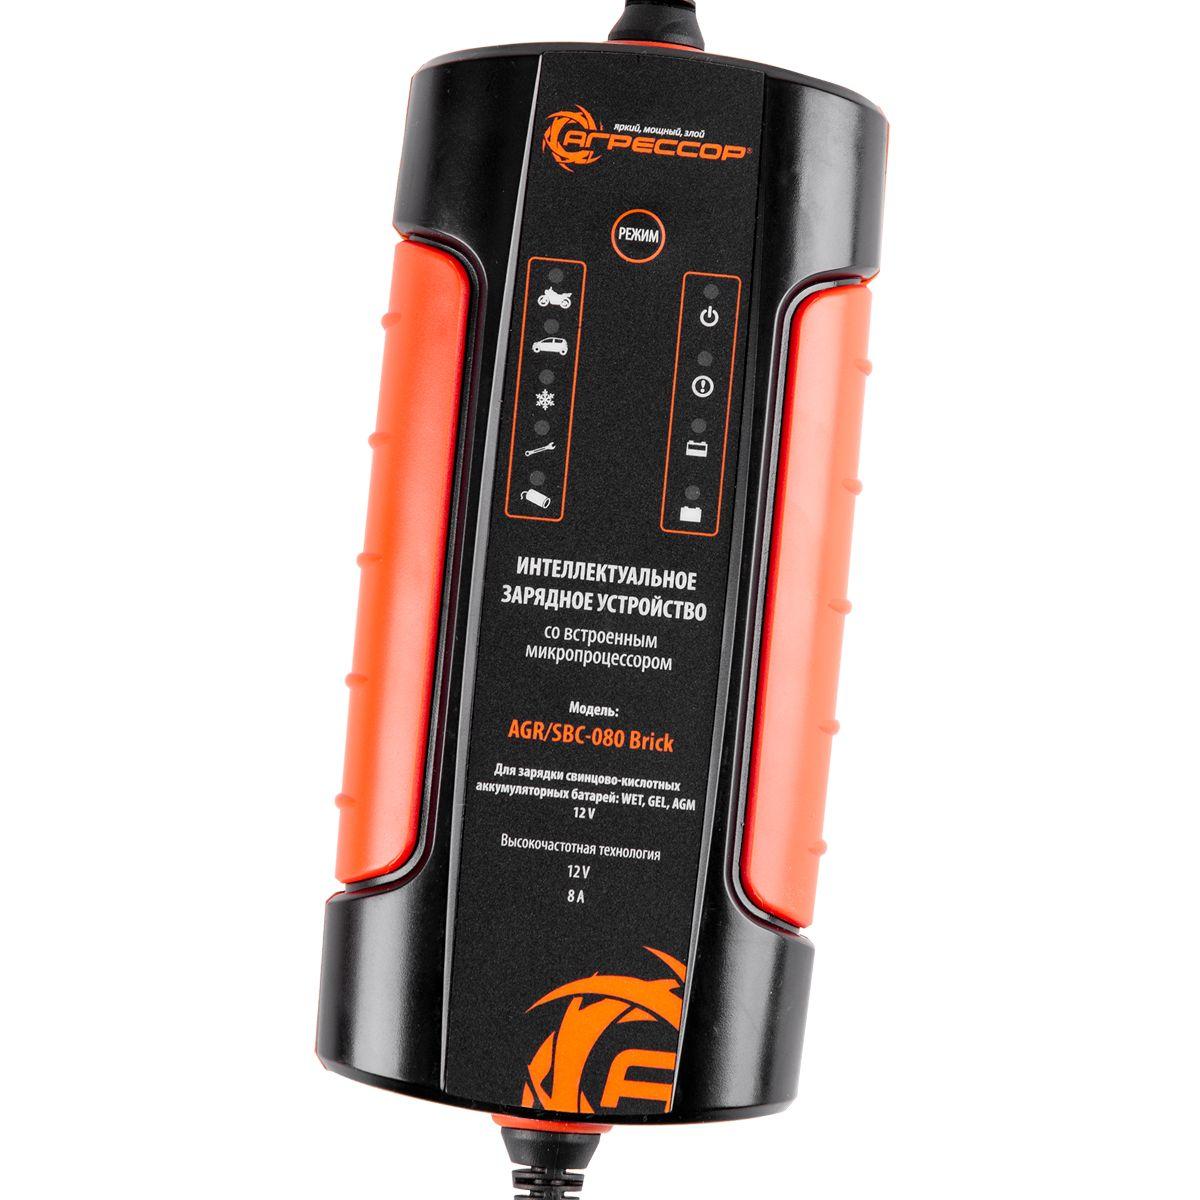 Устройство зарядное цифровое Autoprofi Агрессор, 9 фаз зарядки, ток зарядки 8 АAGR/SBC-080 BrickВысокочастотное зарядное устройство Autoprofi Агрессор подходит для всех типов аккумуляторных батарей – встроенный микропроцессор позволяет установить для каждого типа свой режим. Компактное зарядное устройство имеет девять ступеней зарядки, за счет этого полностью разряженную батарею можно зарядить до 100% от первоначальной емкости. Кроме того, устройство автоматически очищает клеммы от сульфатов, которые остаются на них в процессе электролиза и заряжает потекшие батареи. Рабочие характеристики не снижаются при низких температурах. Устройство может сколь угодно долго оставаться подключенным к аккумулятору, поддерживая требуемый заряд. Оно снащено защитой от короткого замыкания и образования искр. Зарядное устройство имеет три вида контактных клемм: зажимы, разъем для подключения к прикуривателю и кольцо (петелька).Напряжение: AC 220-240В, 50-60 Гц.Номинальная сила тока: 0,65 А.Ток зарядки: 12В/2 А, 8 А.